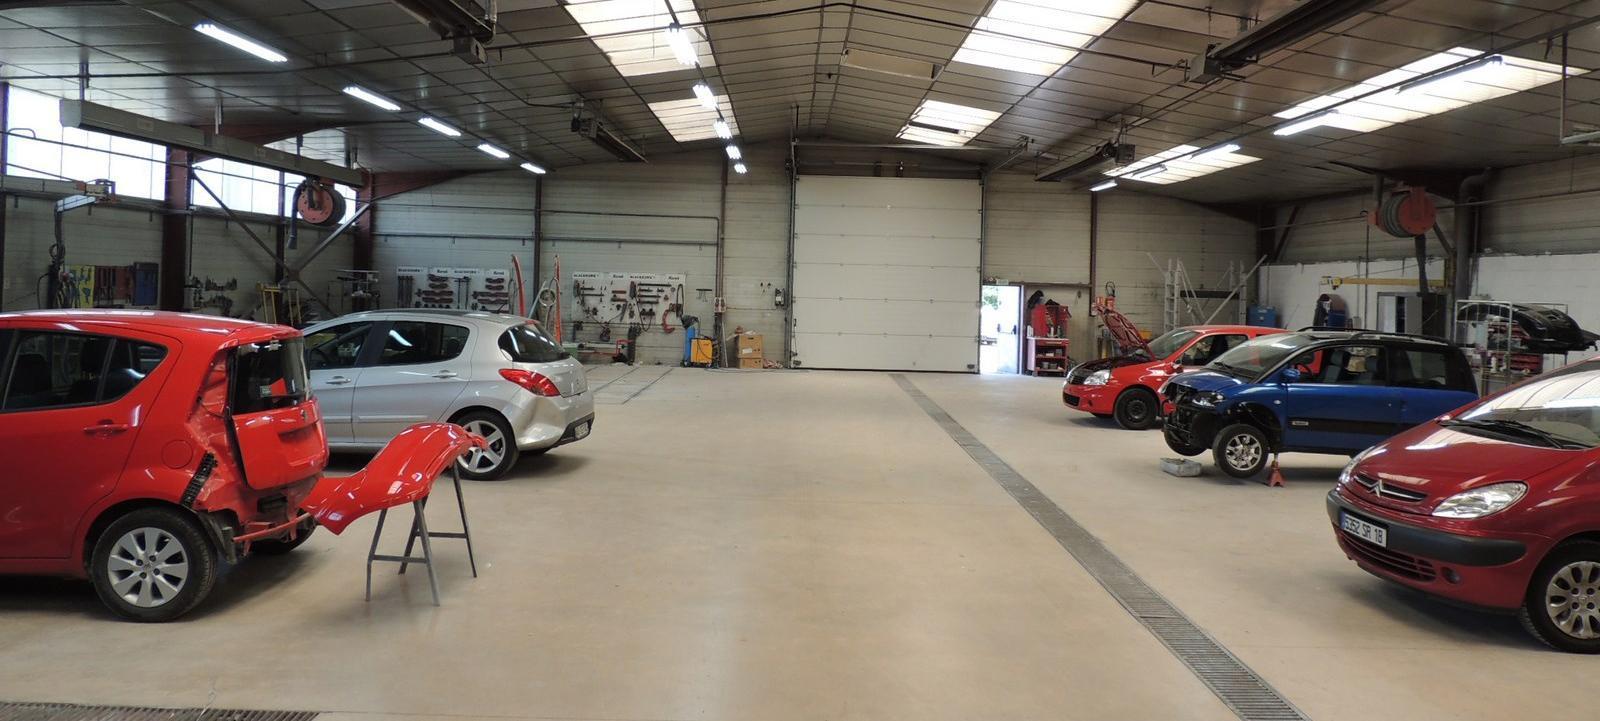 Garage Automobile Saint Doulchard Bourges Vierzon Carrosserie